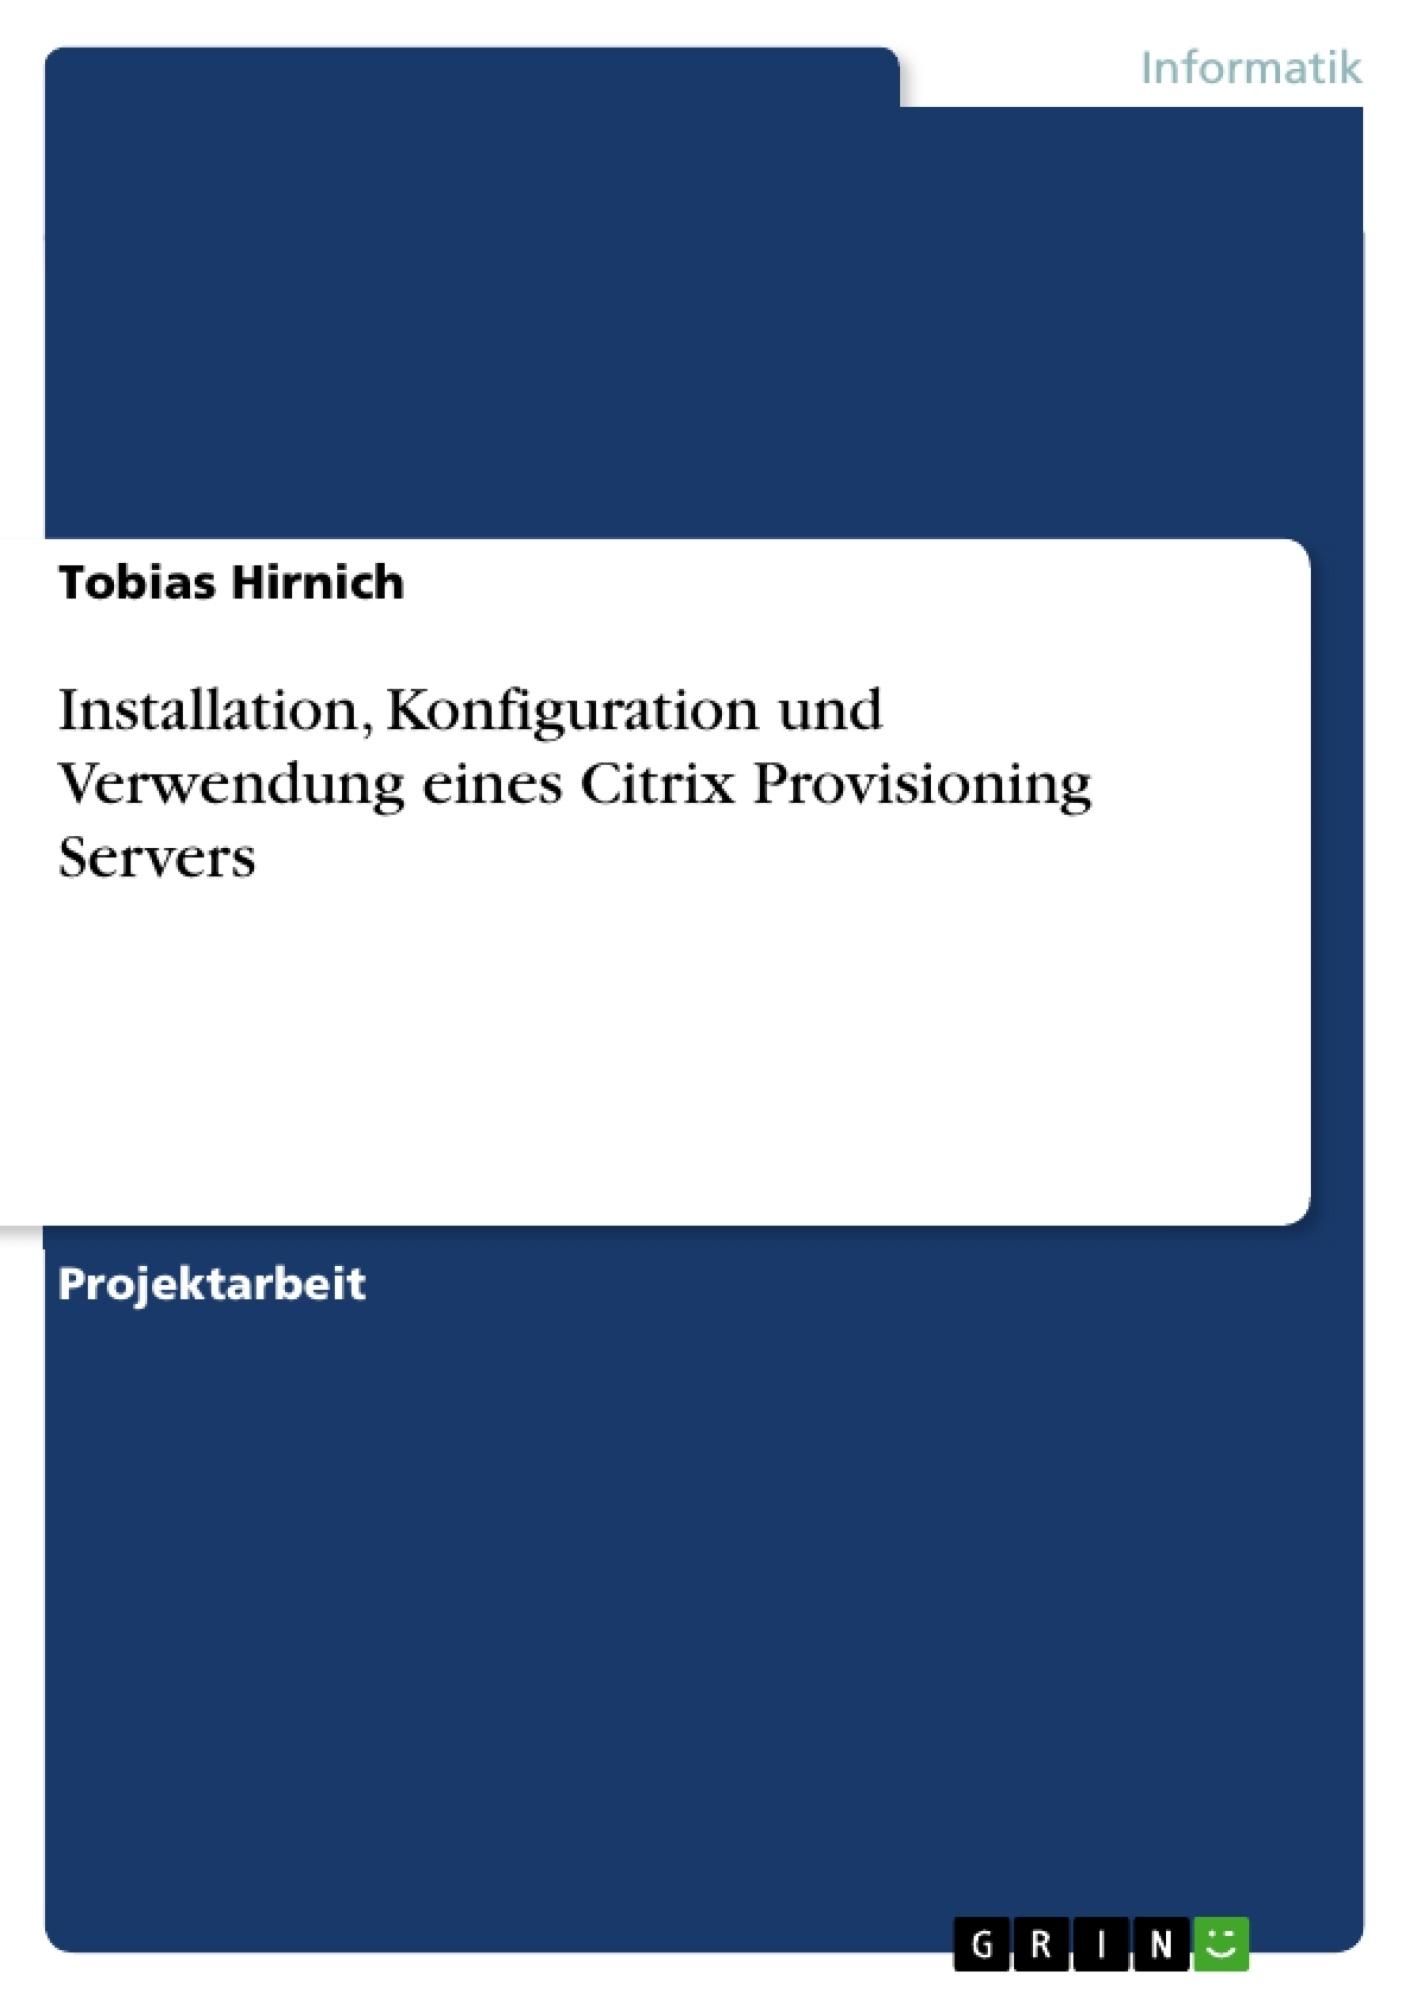 Titel: Installation, Konfiguration und Verwendung eines Citrix Provisioning Servers